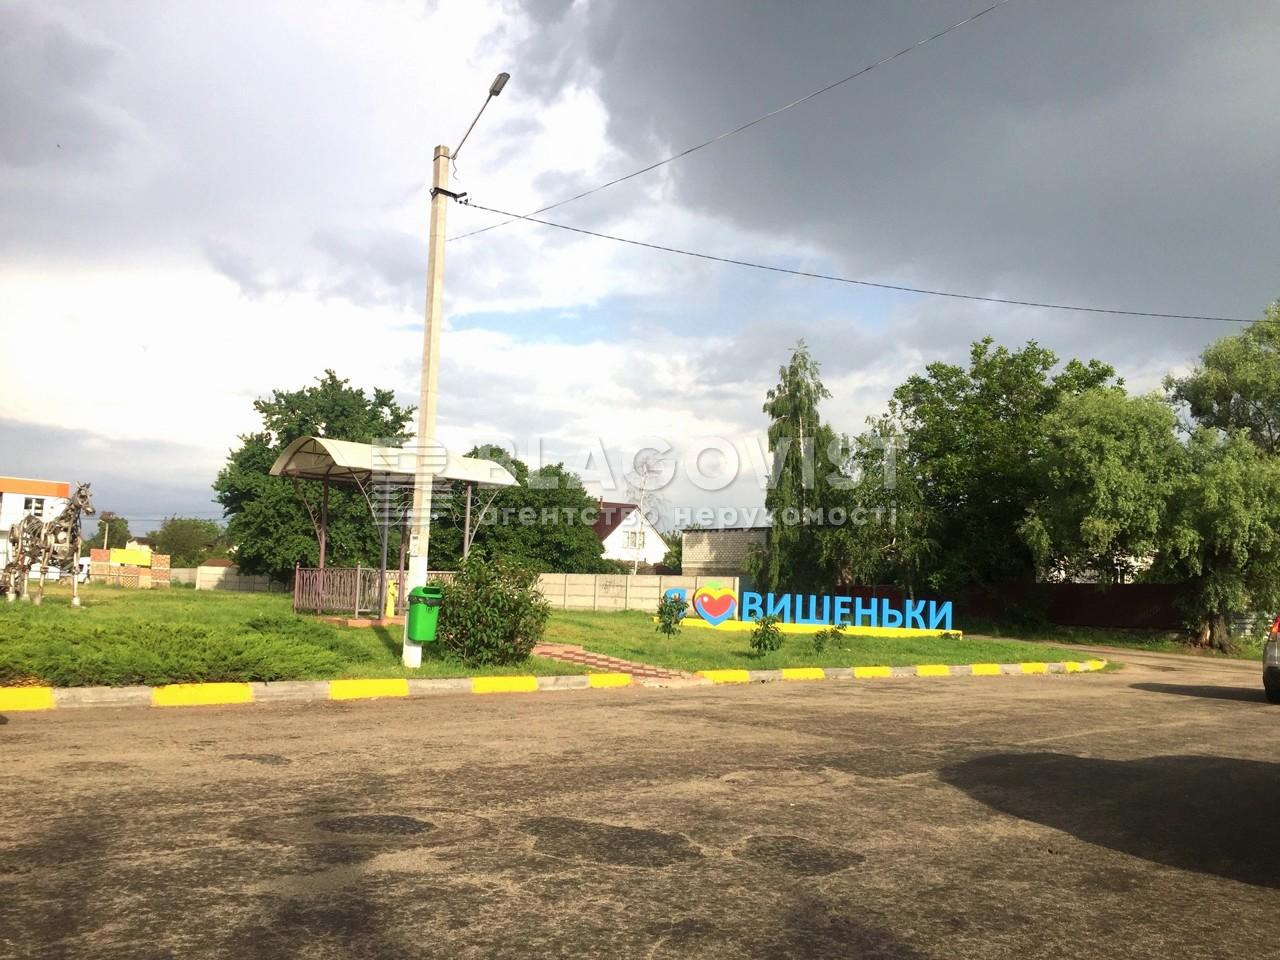 Земельный участок P-29759, Приозерная, Вишенки - Фото 3